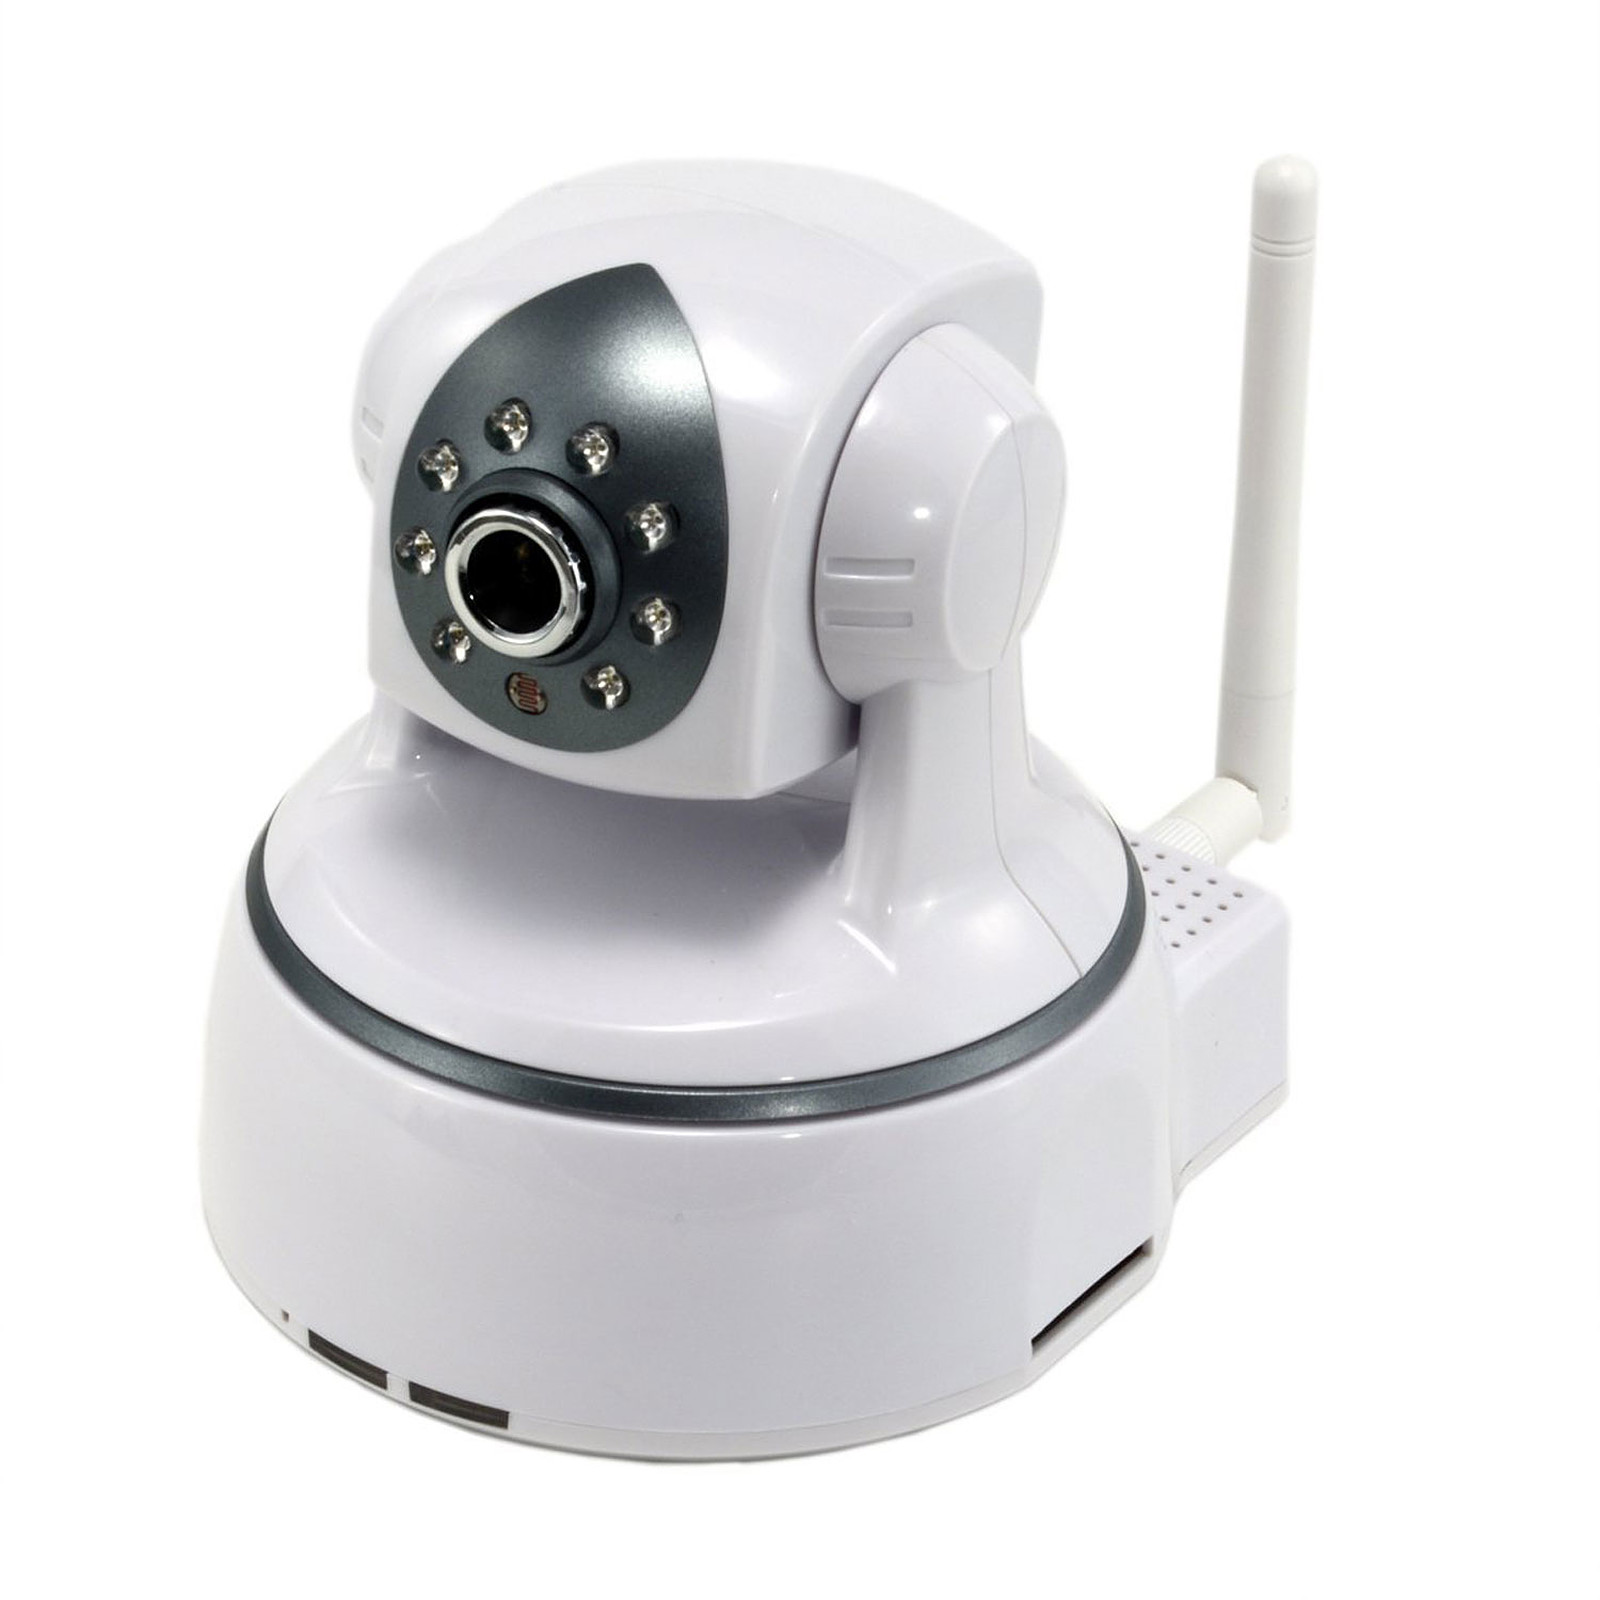 MCL IP-CAMD624AW